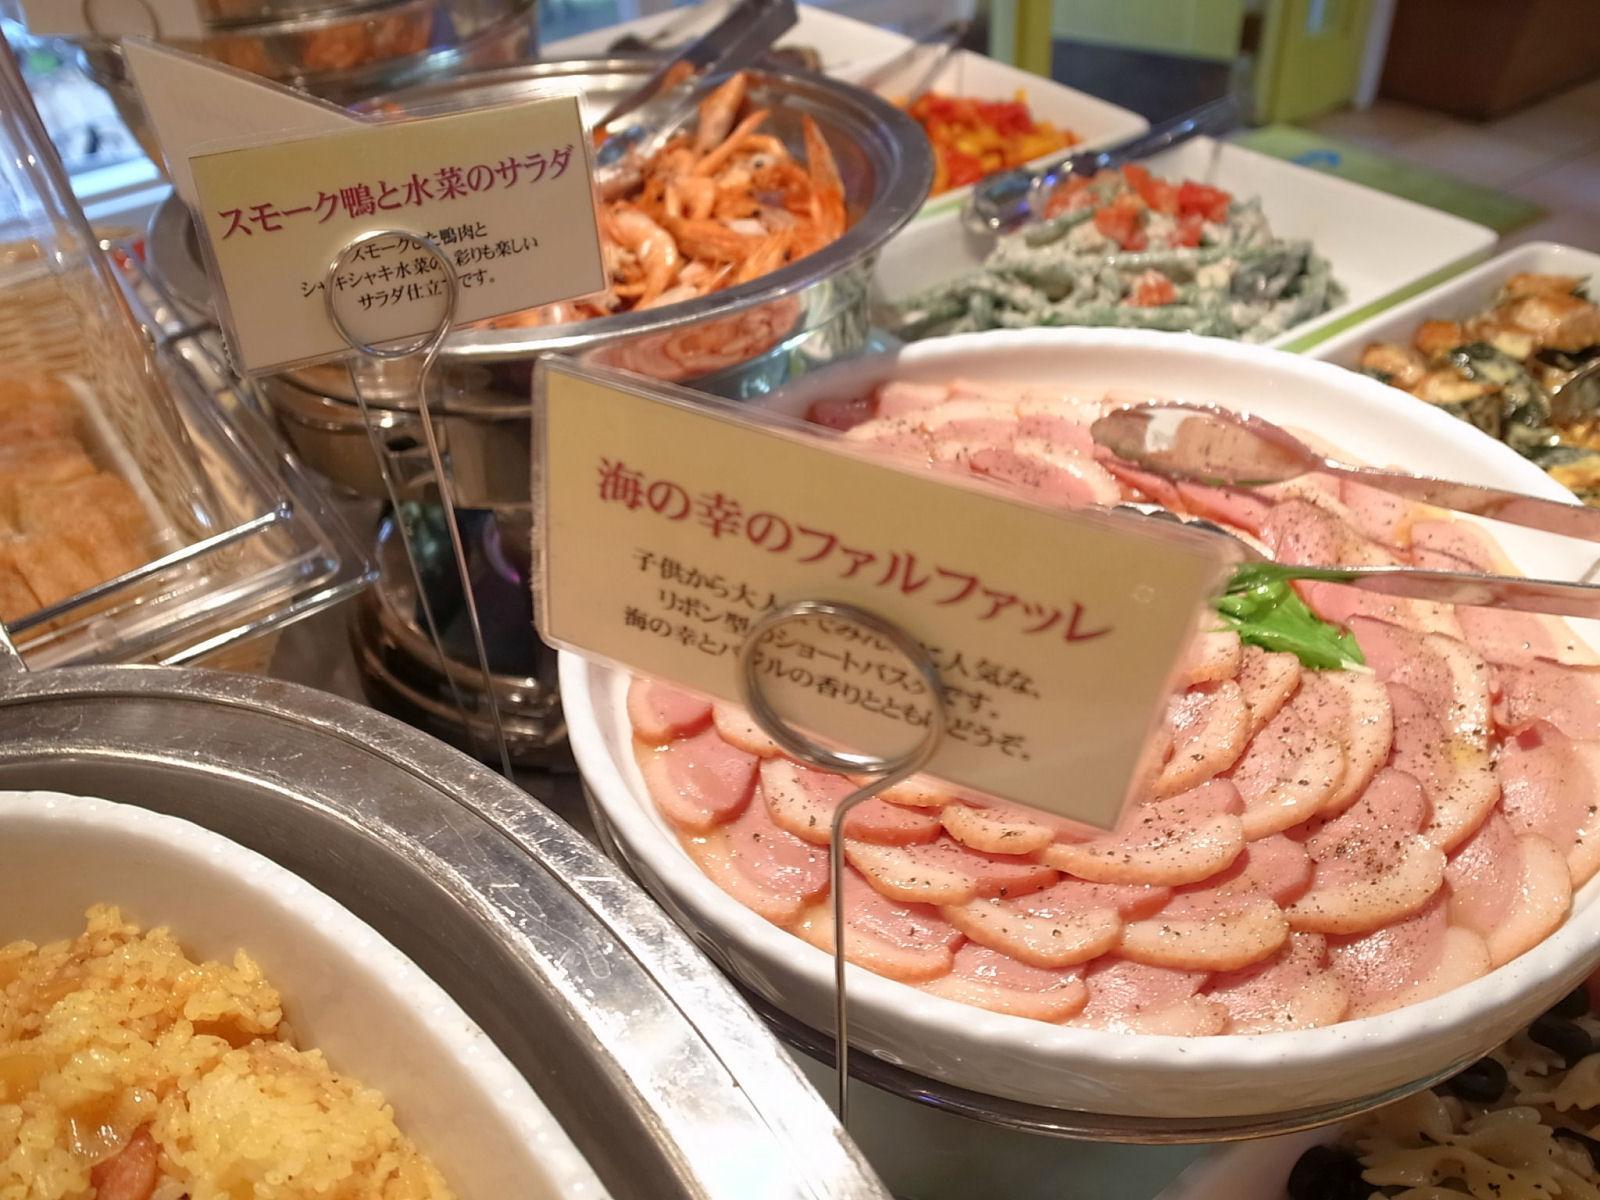 「キャナリィ・ロウ 八王子店」 前菜バイキング+ケーキ ...